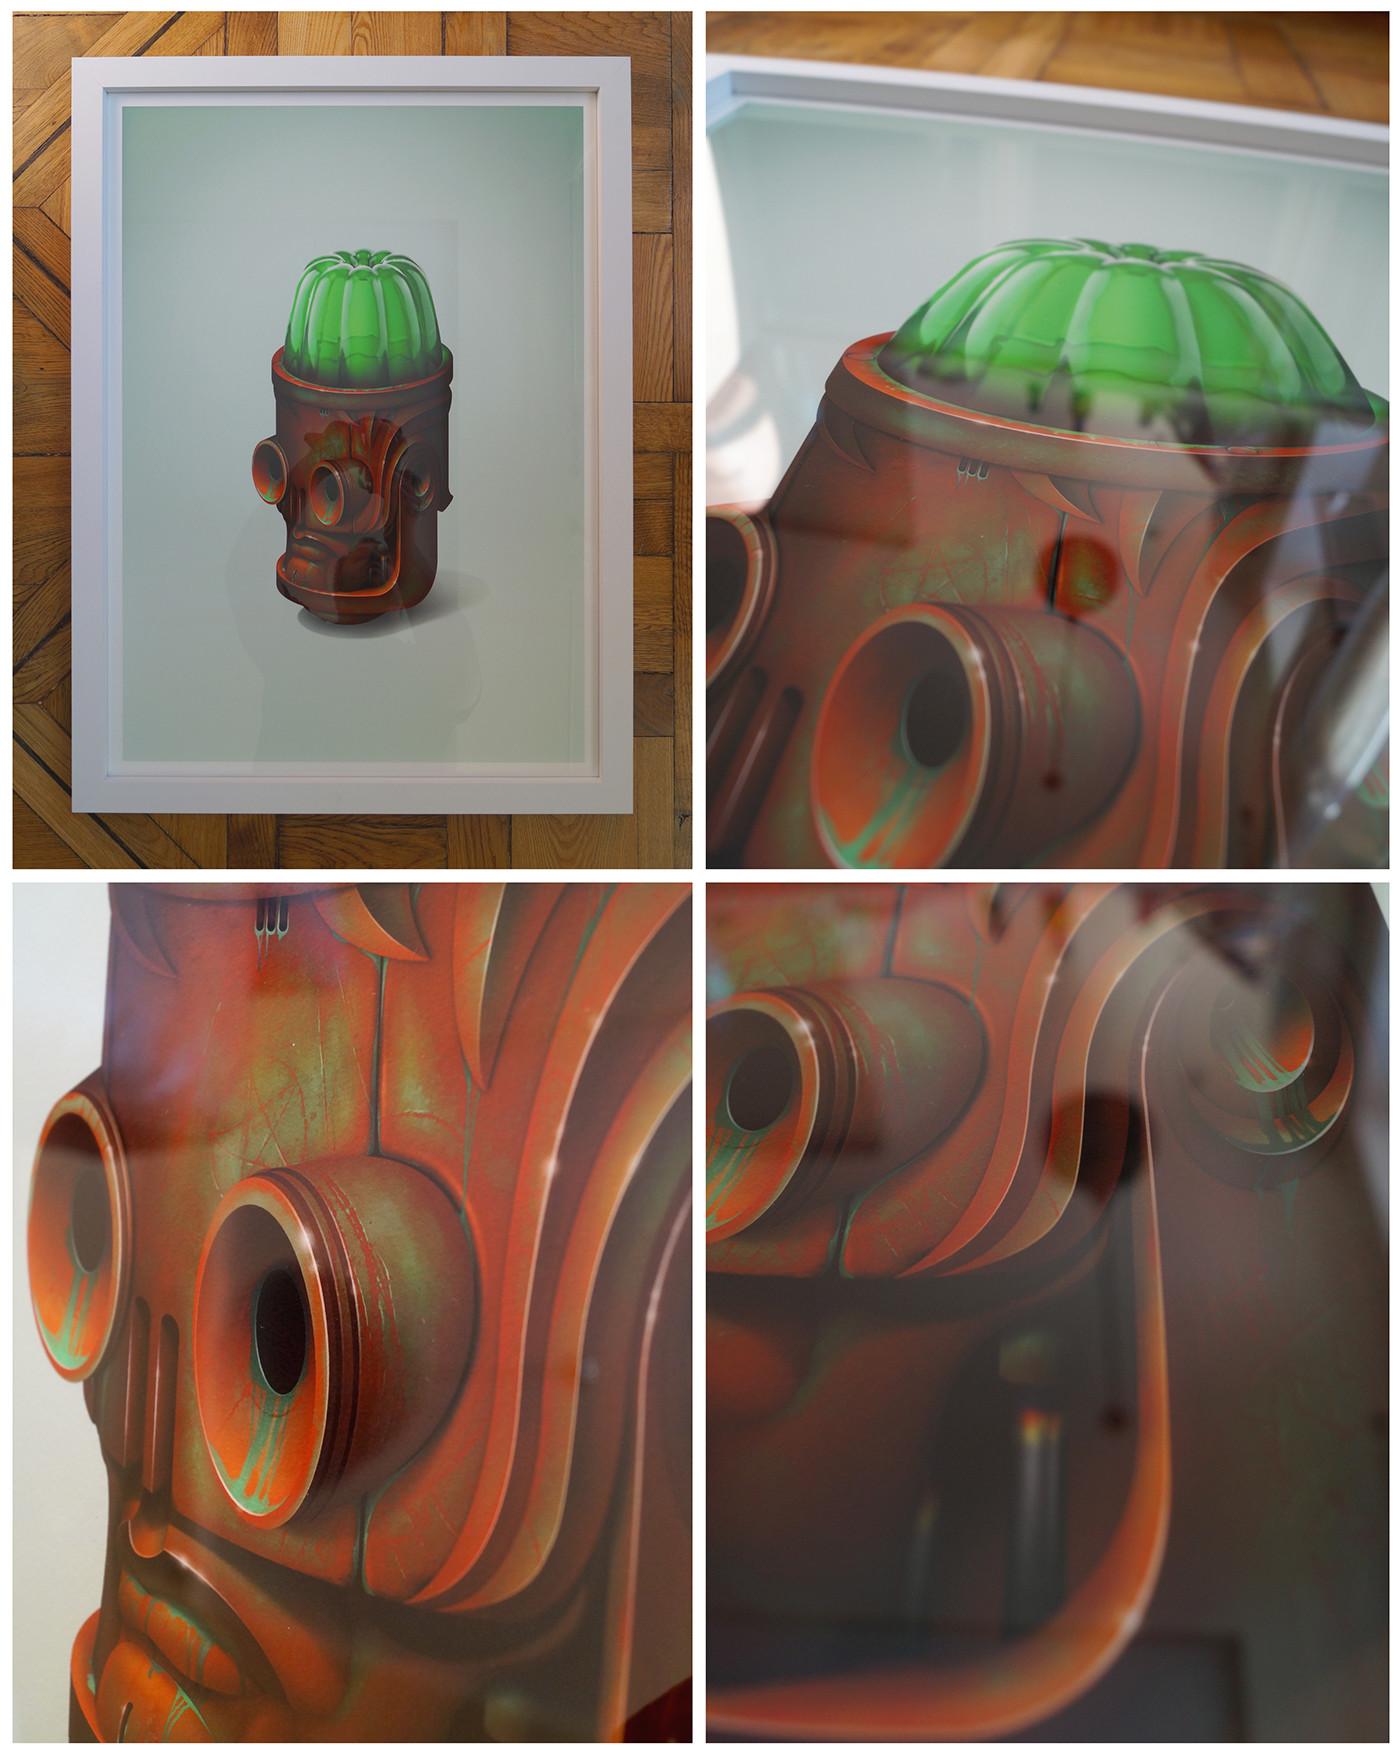 70x50cm print